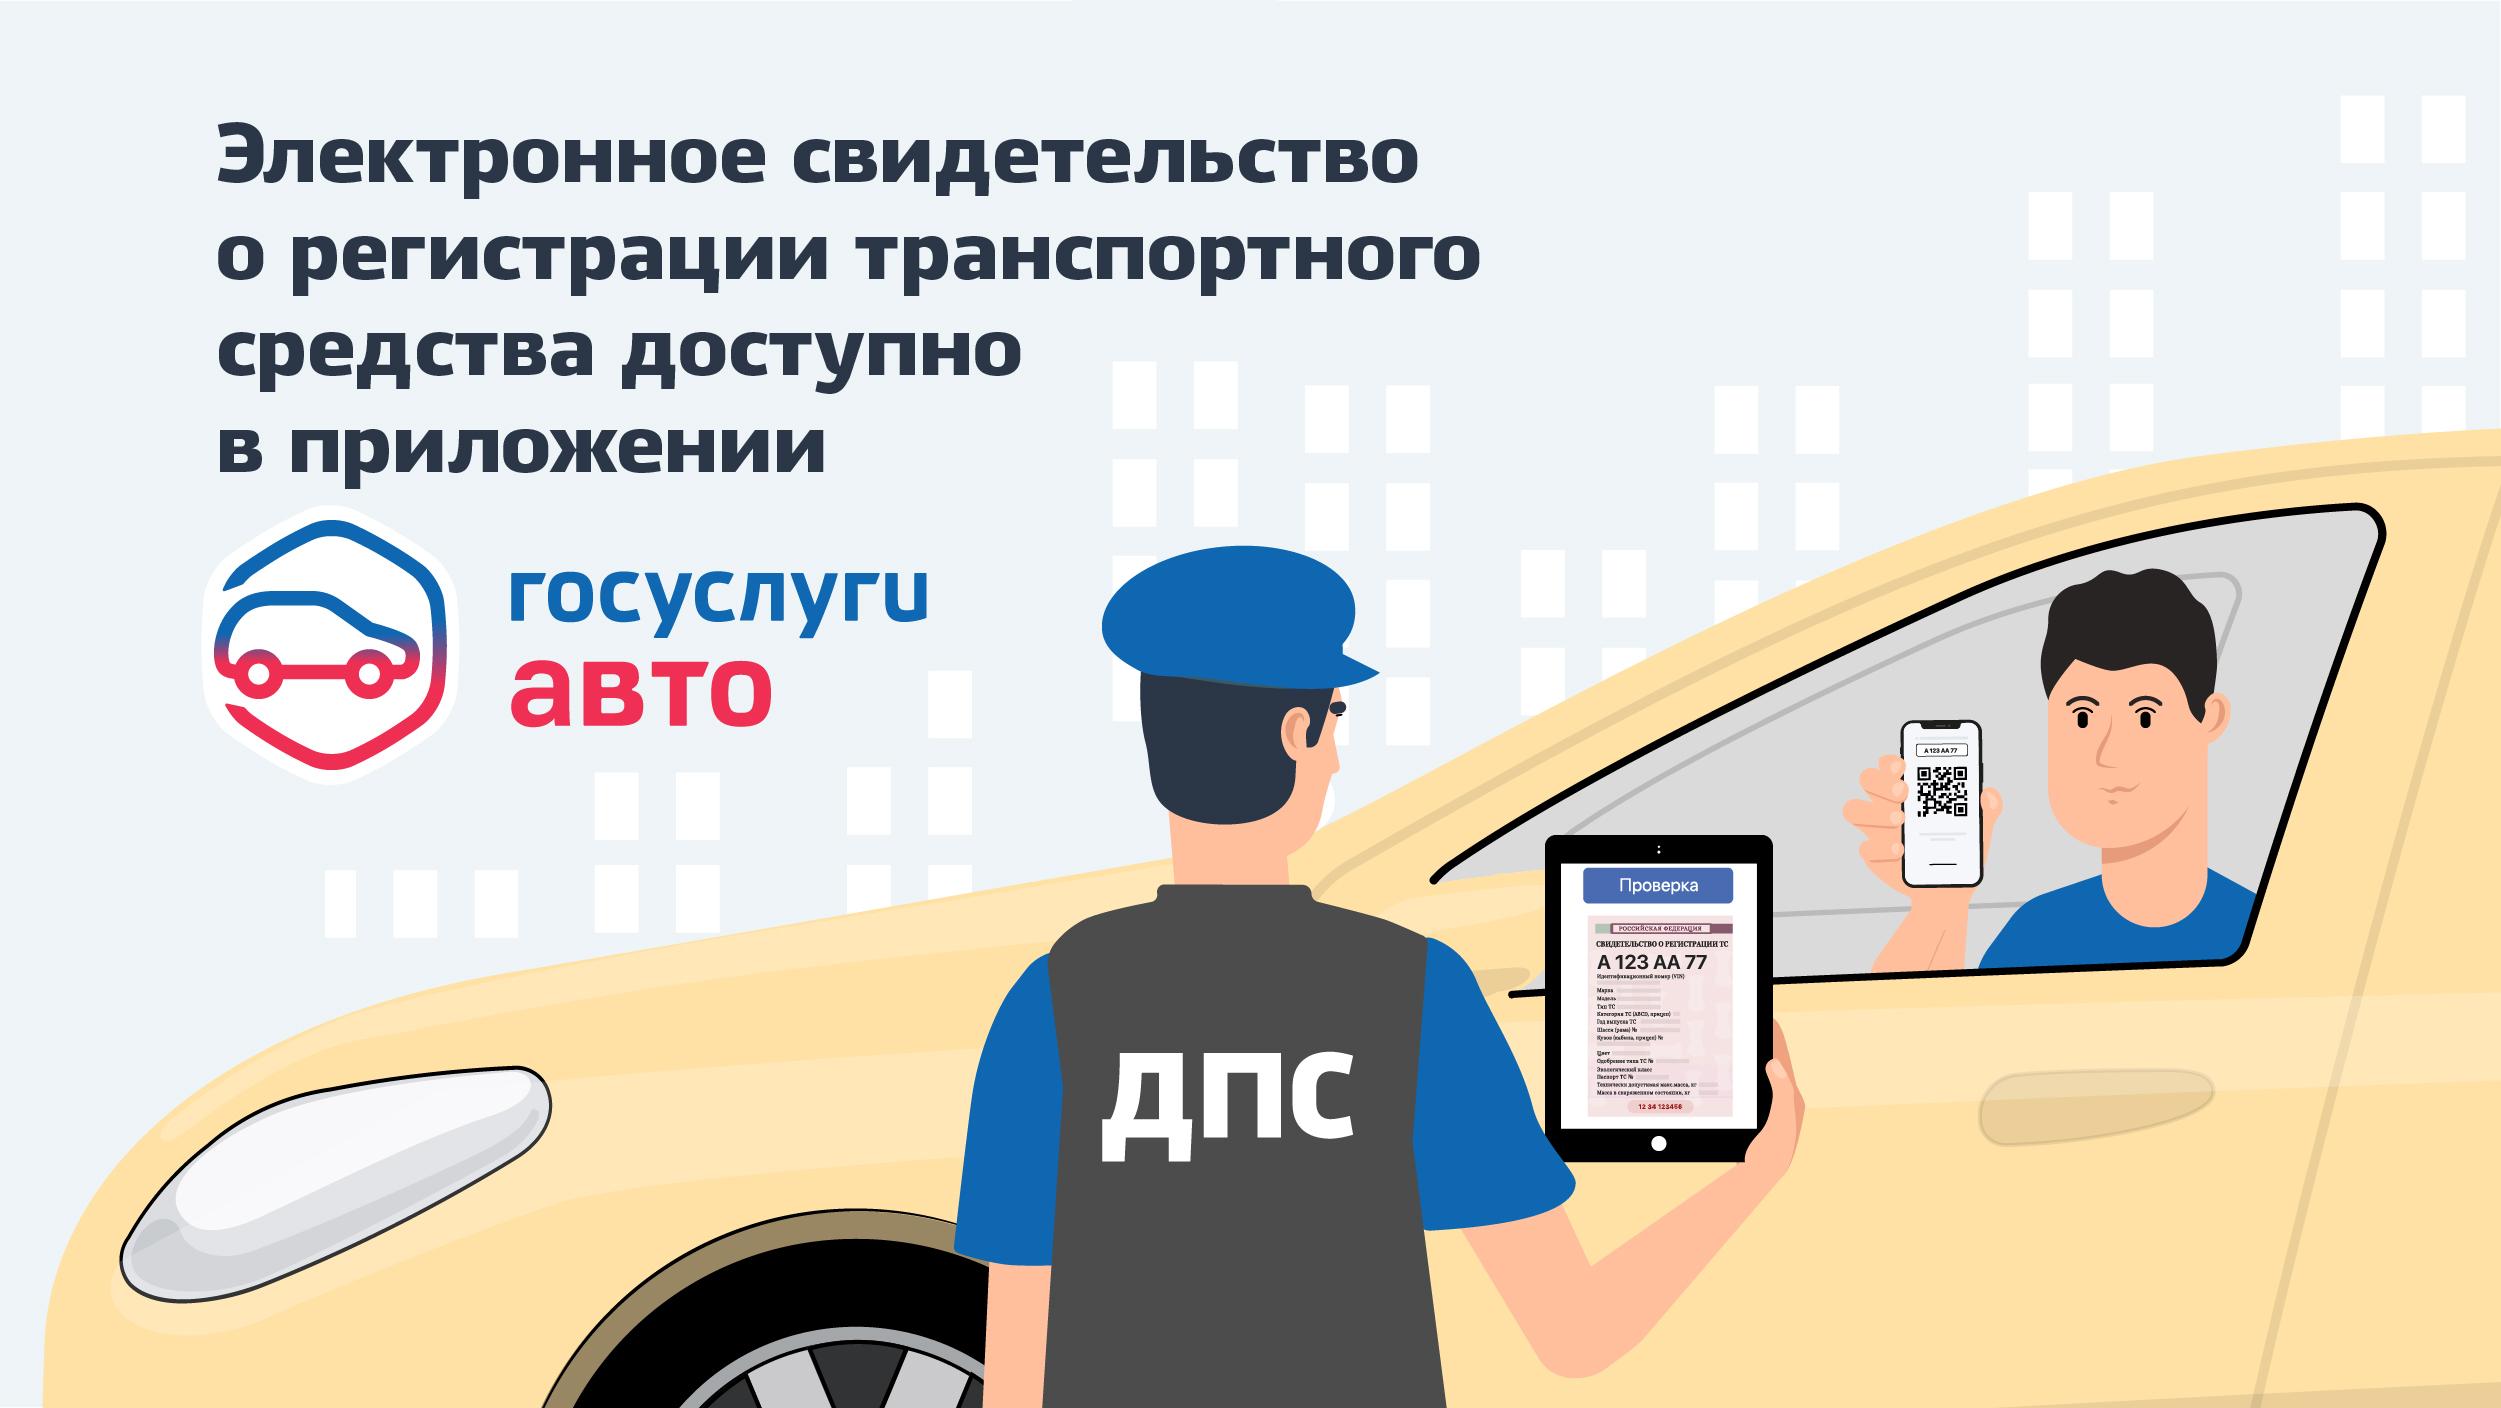 Как получить свидетельство о регистрации транспортного средства в электронном виде